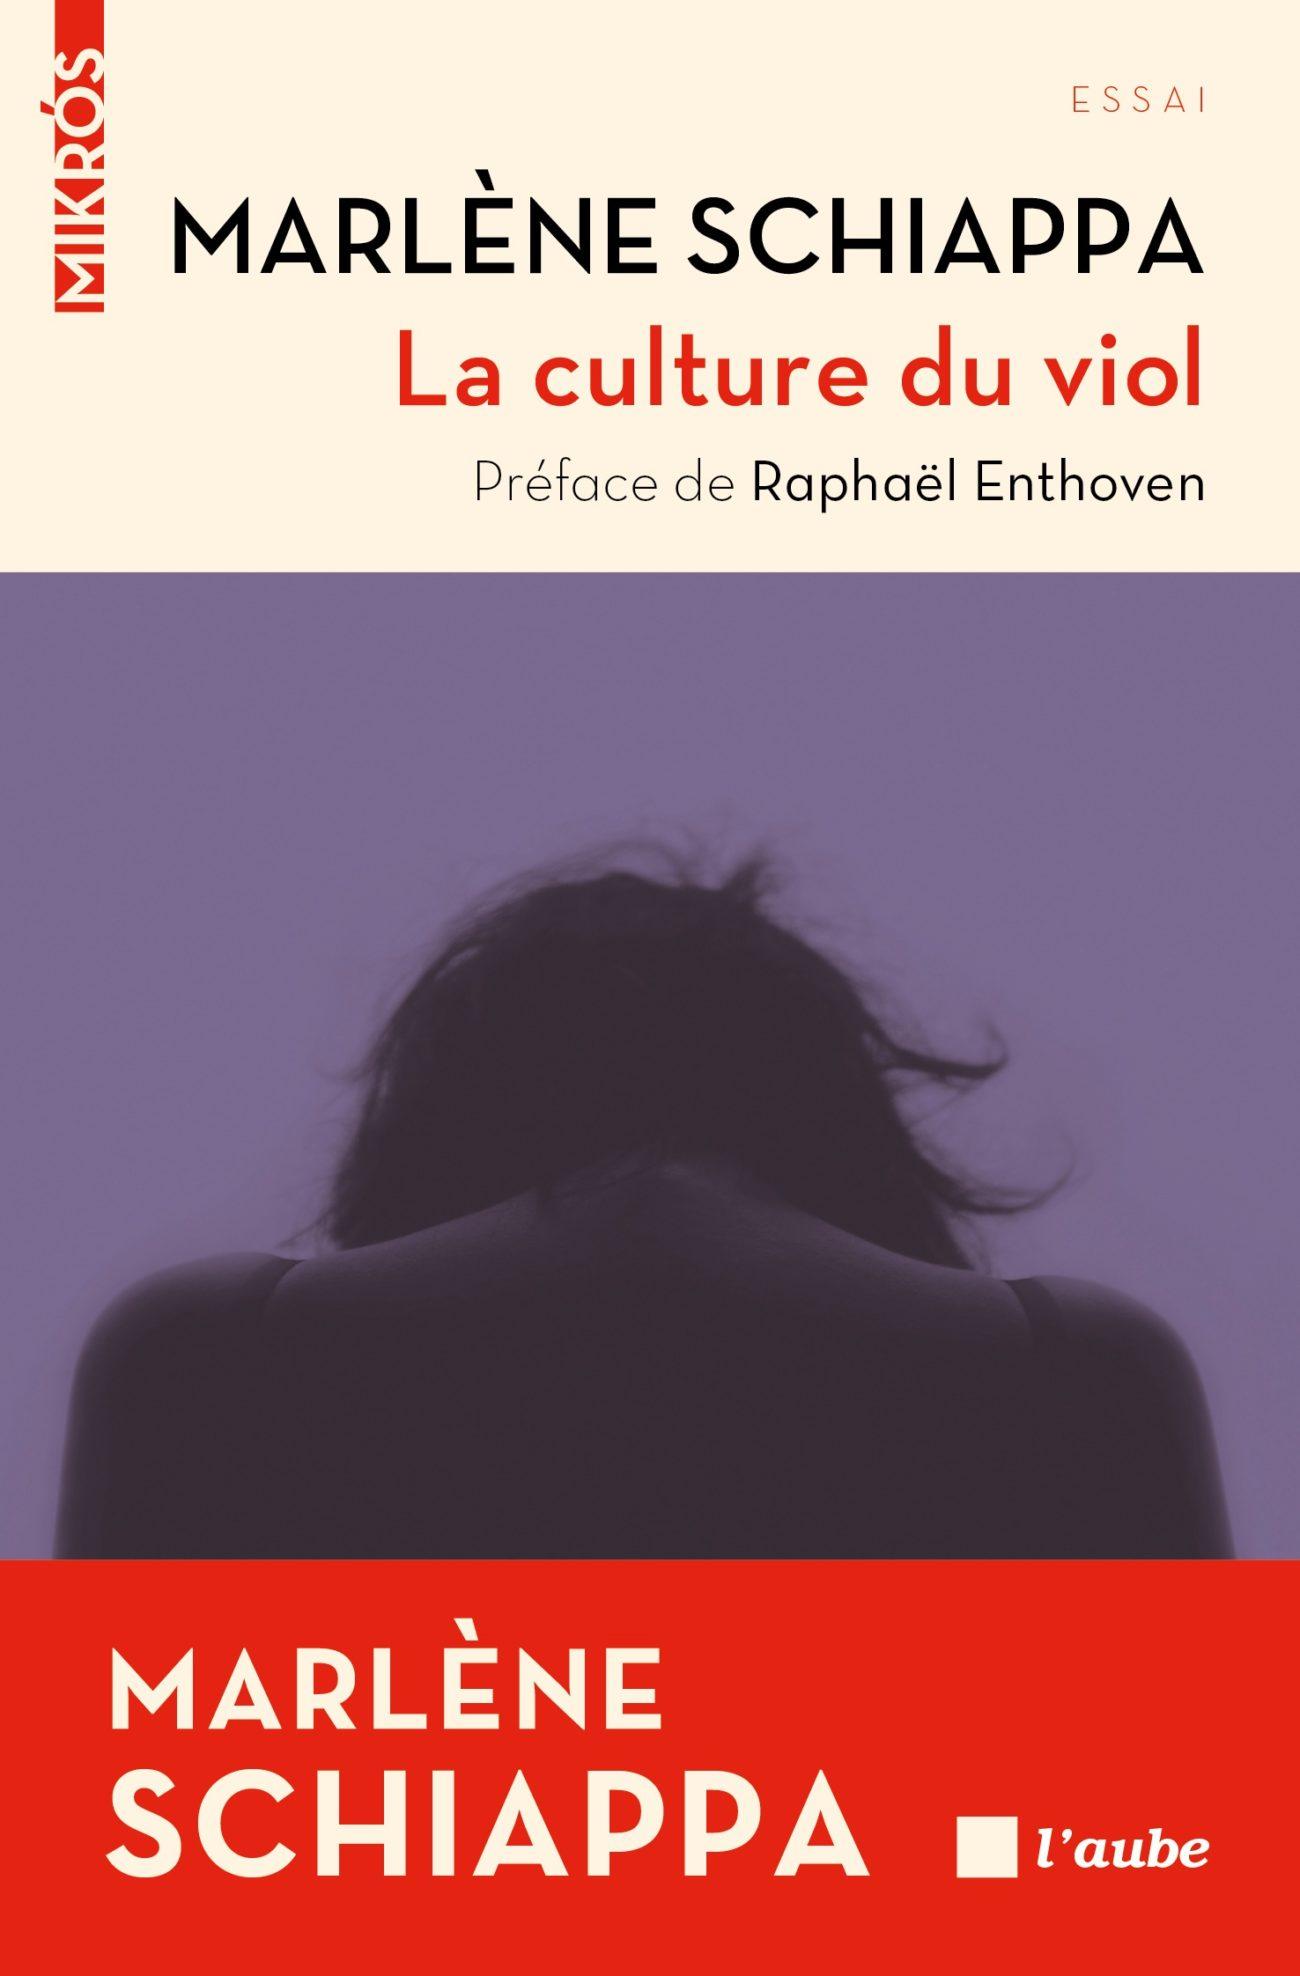 La culture du viol